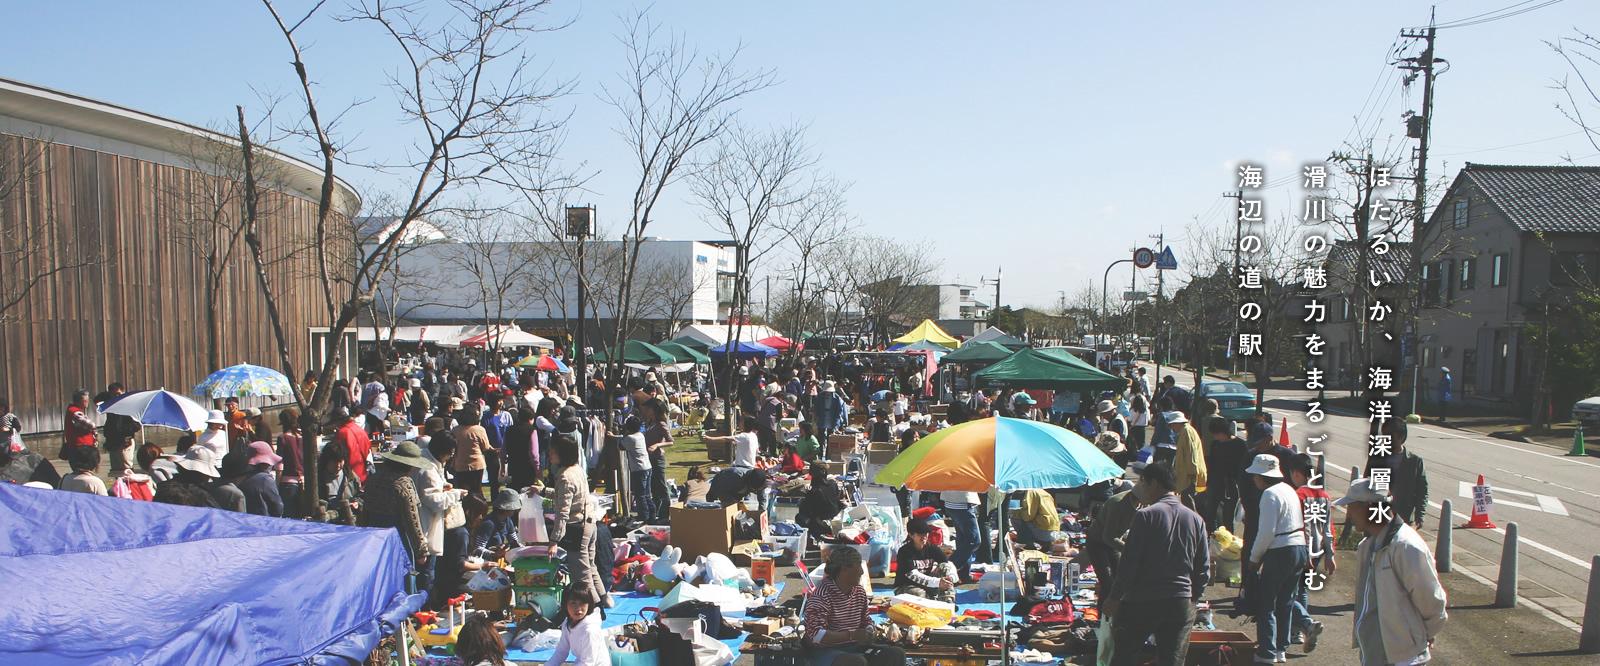 4月 春のホタルイカ祭り 海の見えるフリーマーケット